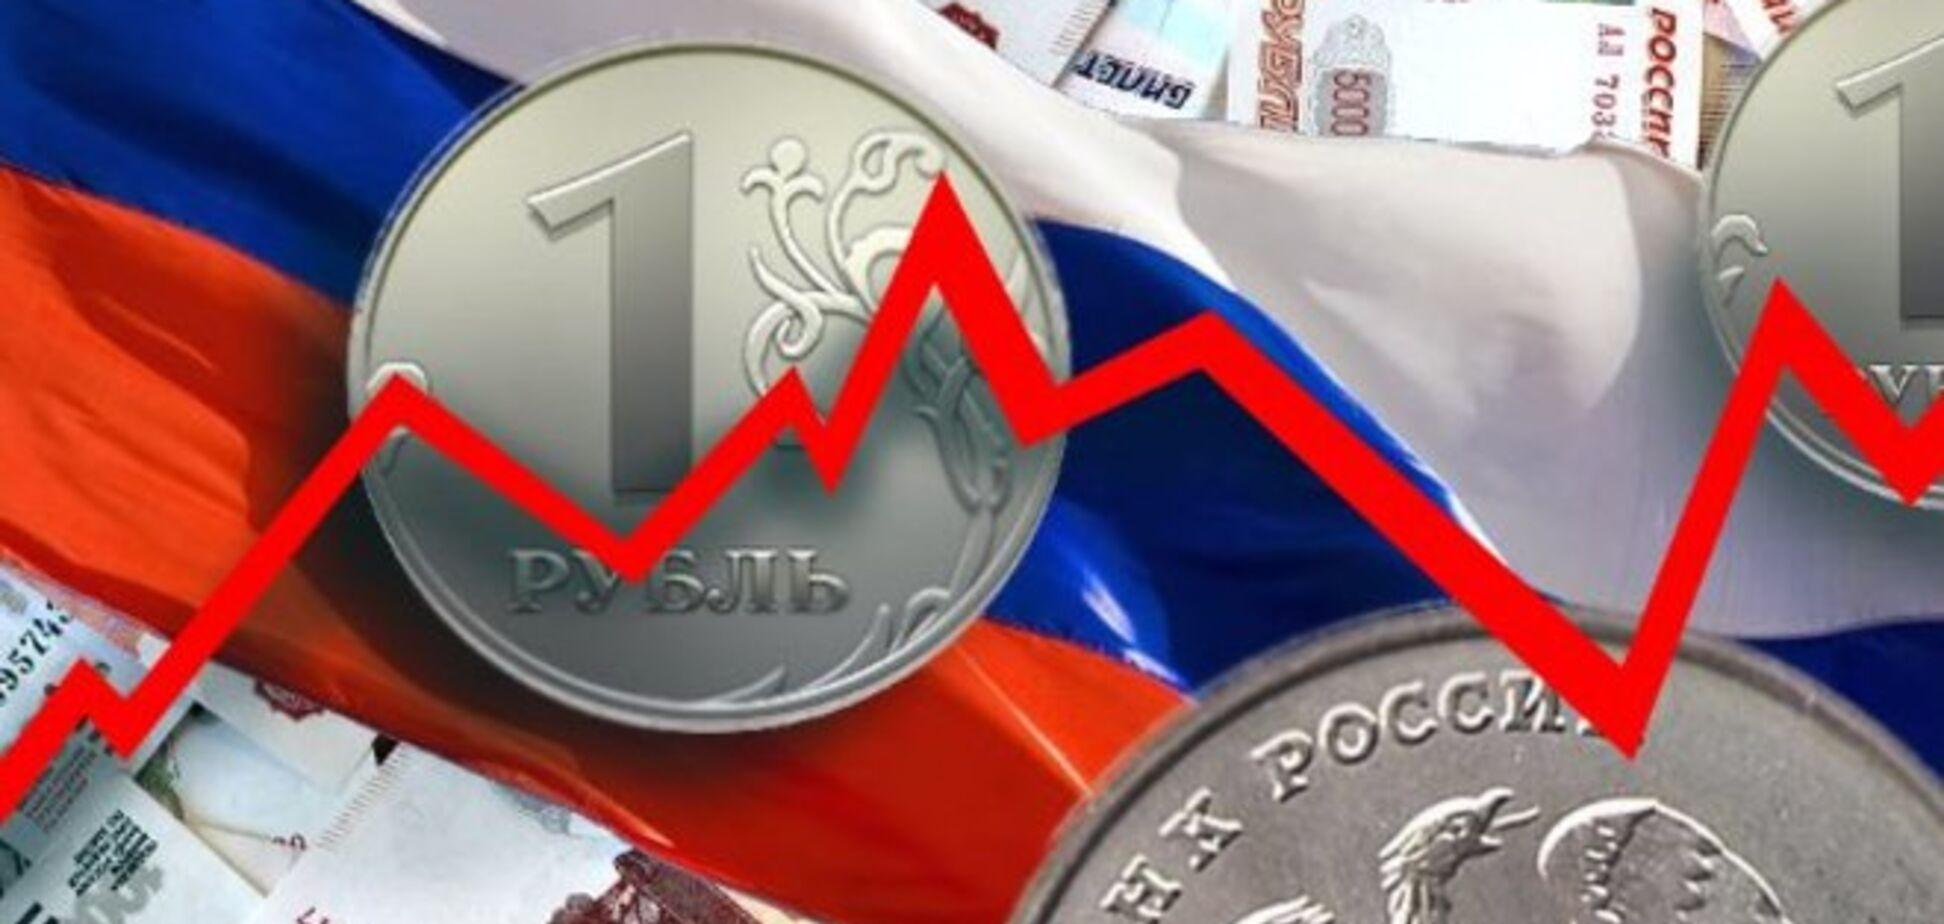 Повноцінна криза в Росії вже настала, попереду - низка дефолтів - екс-глава Мінфіну РФ